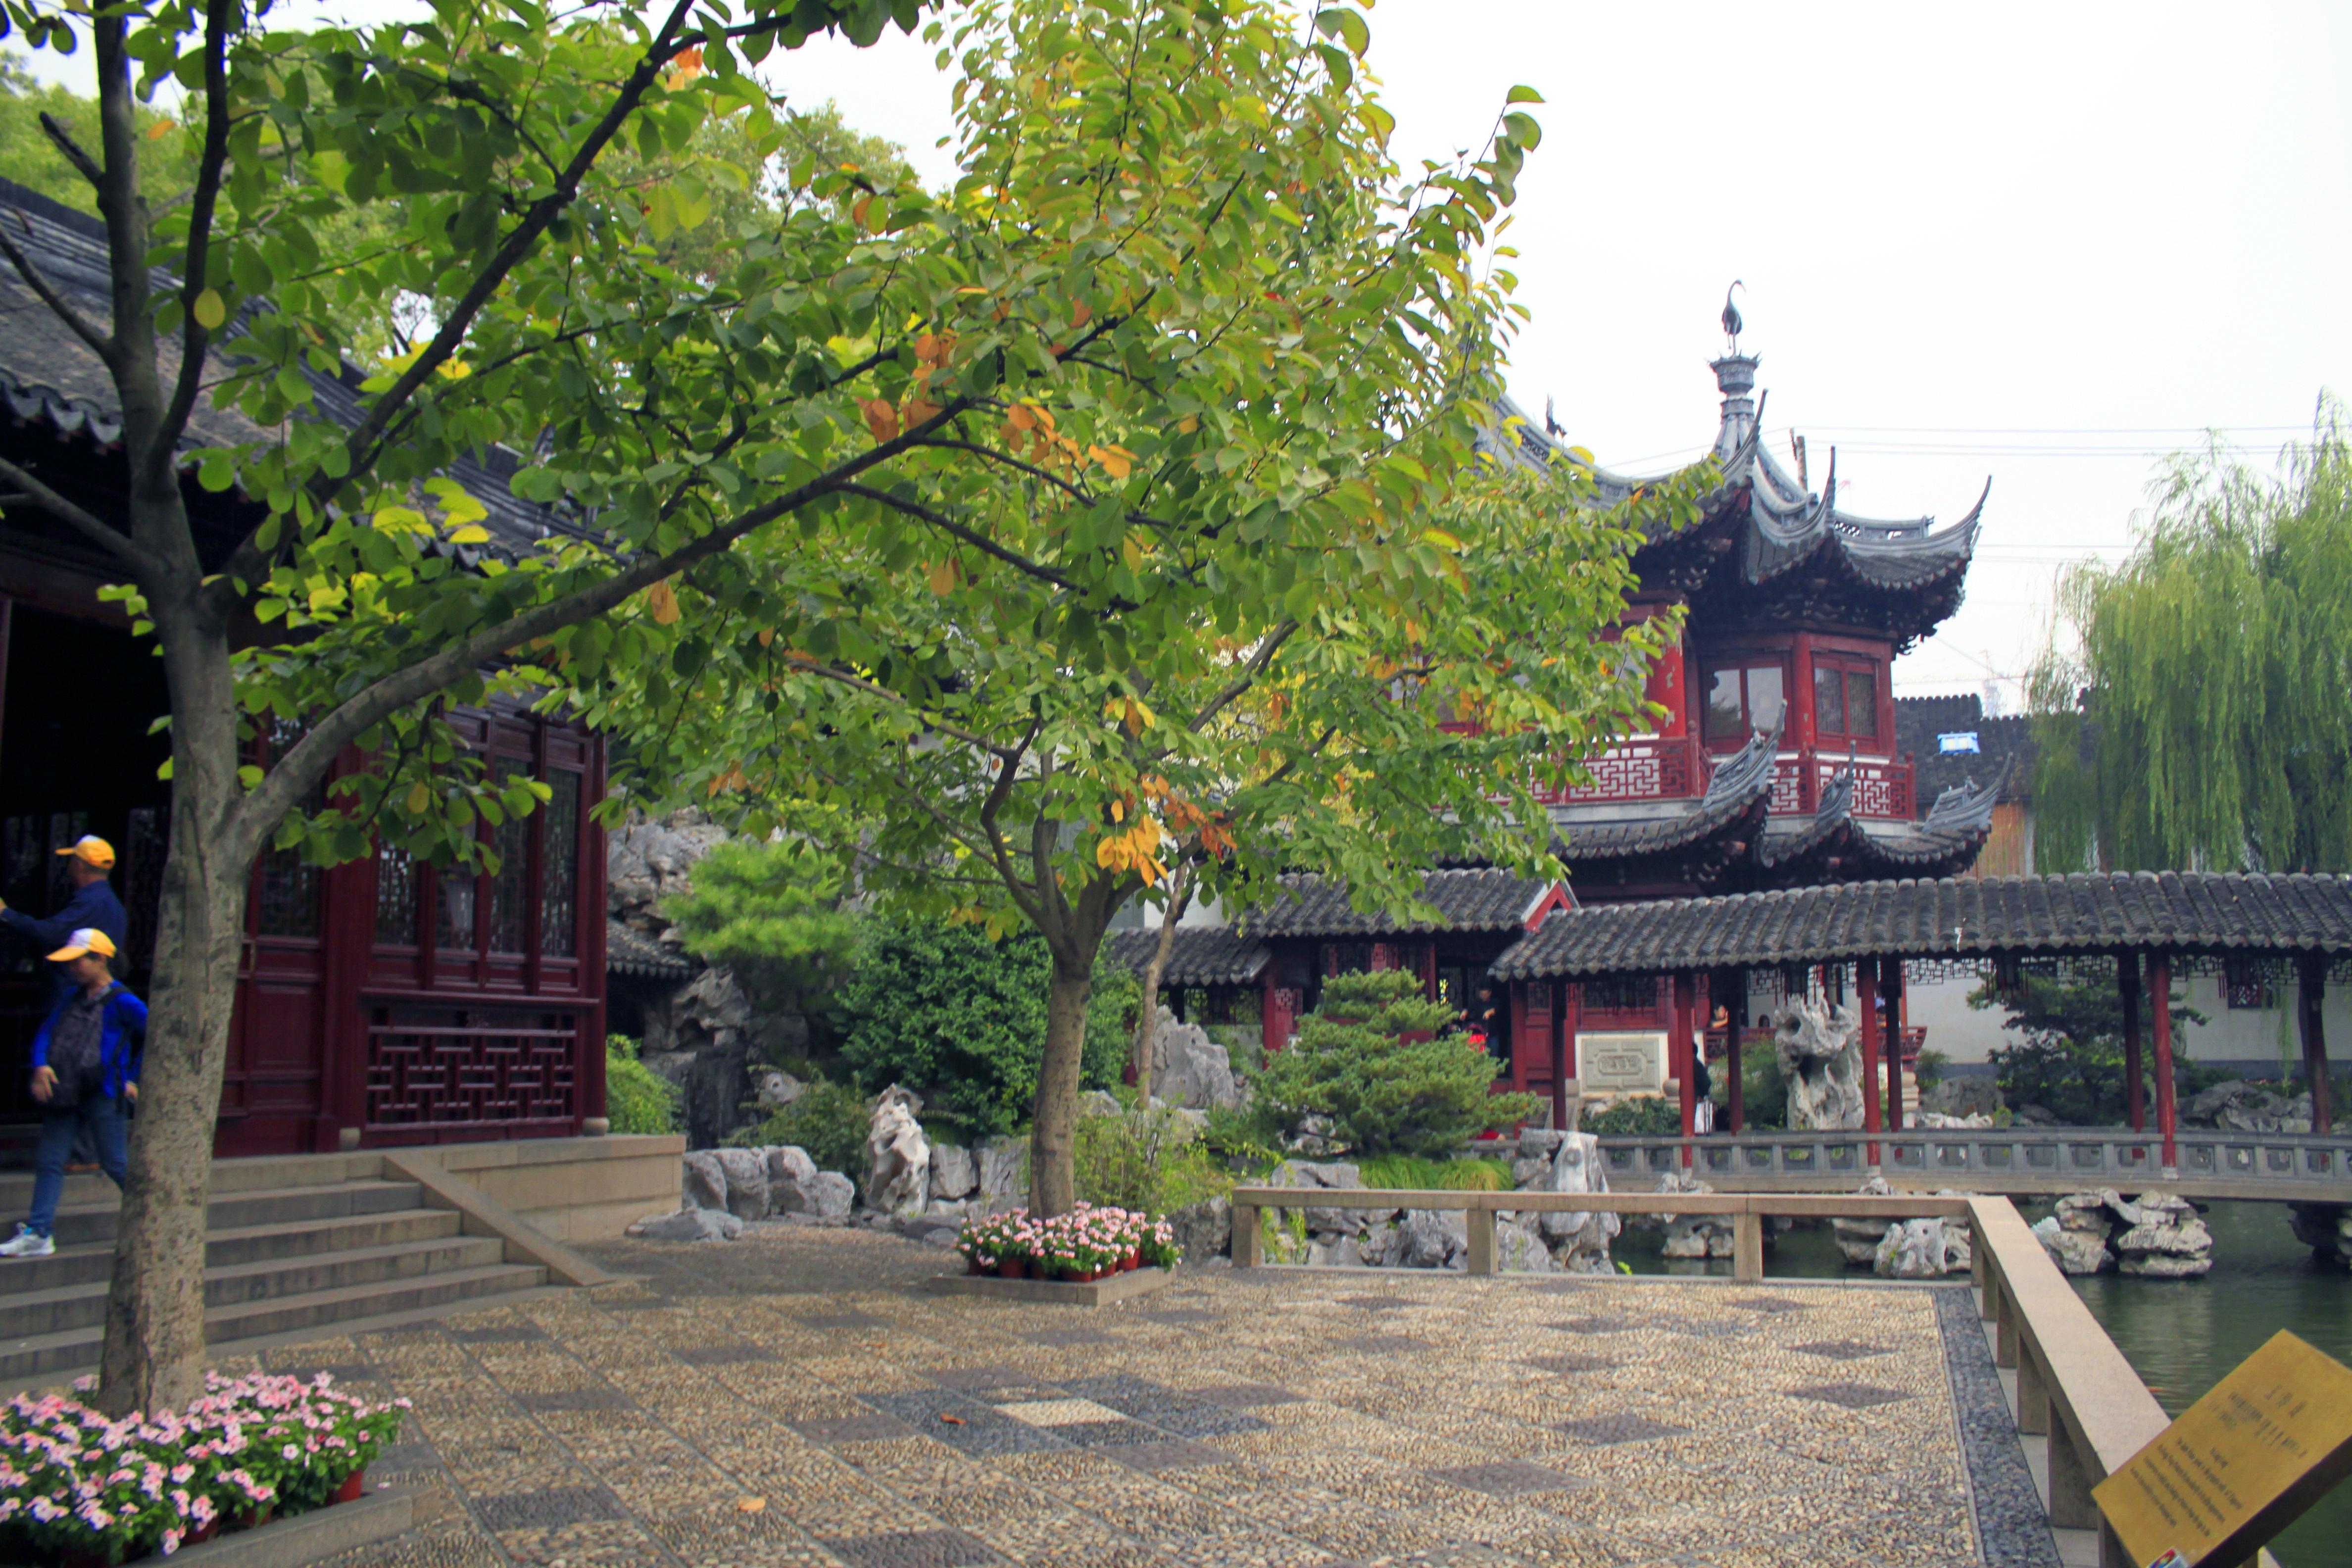 Gratuites arbre ville b¢timent vert chinois Naturel